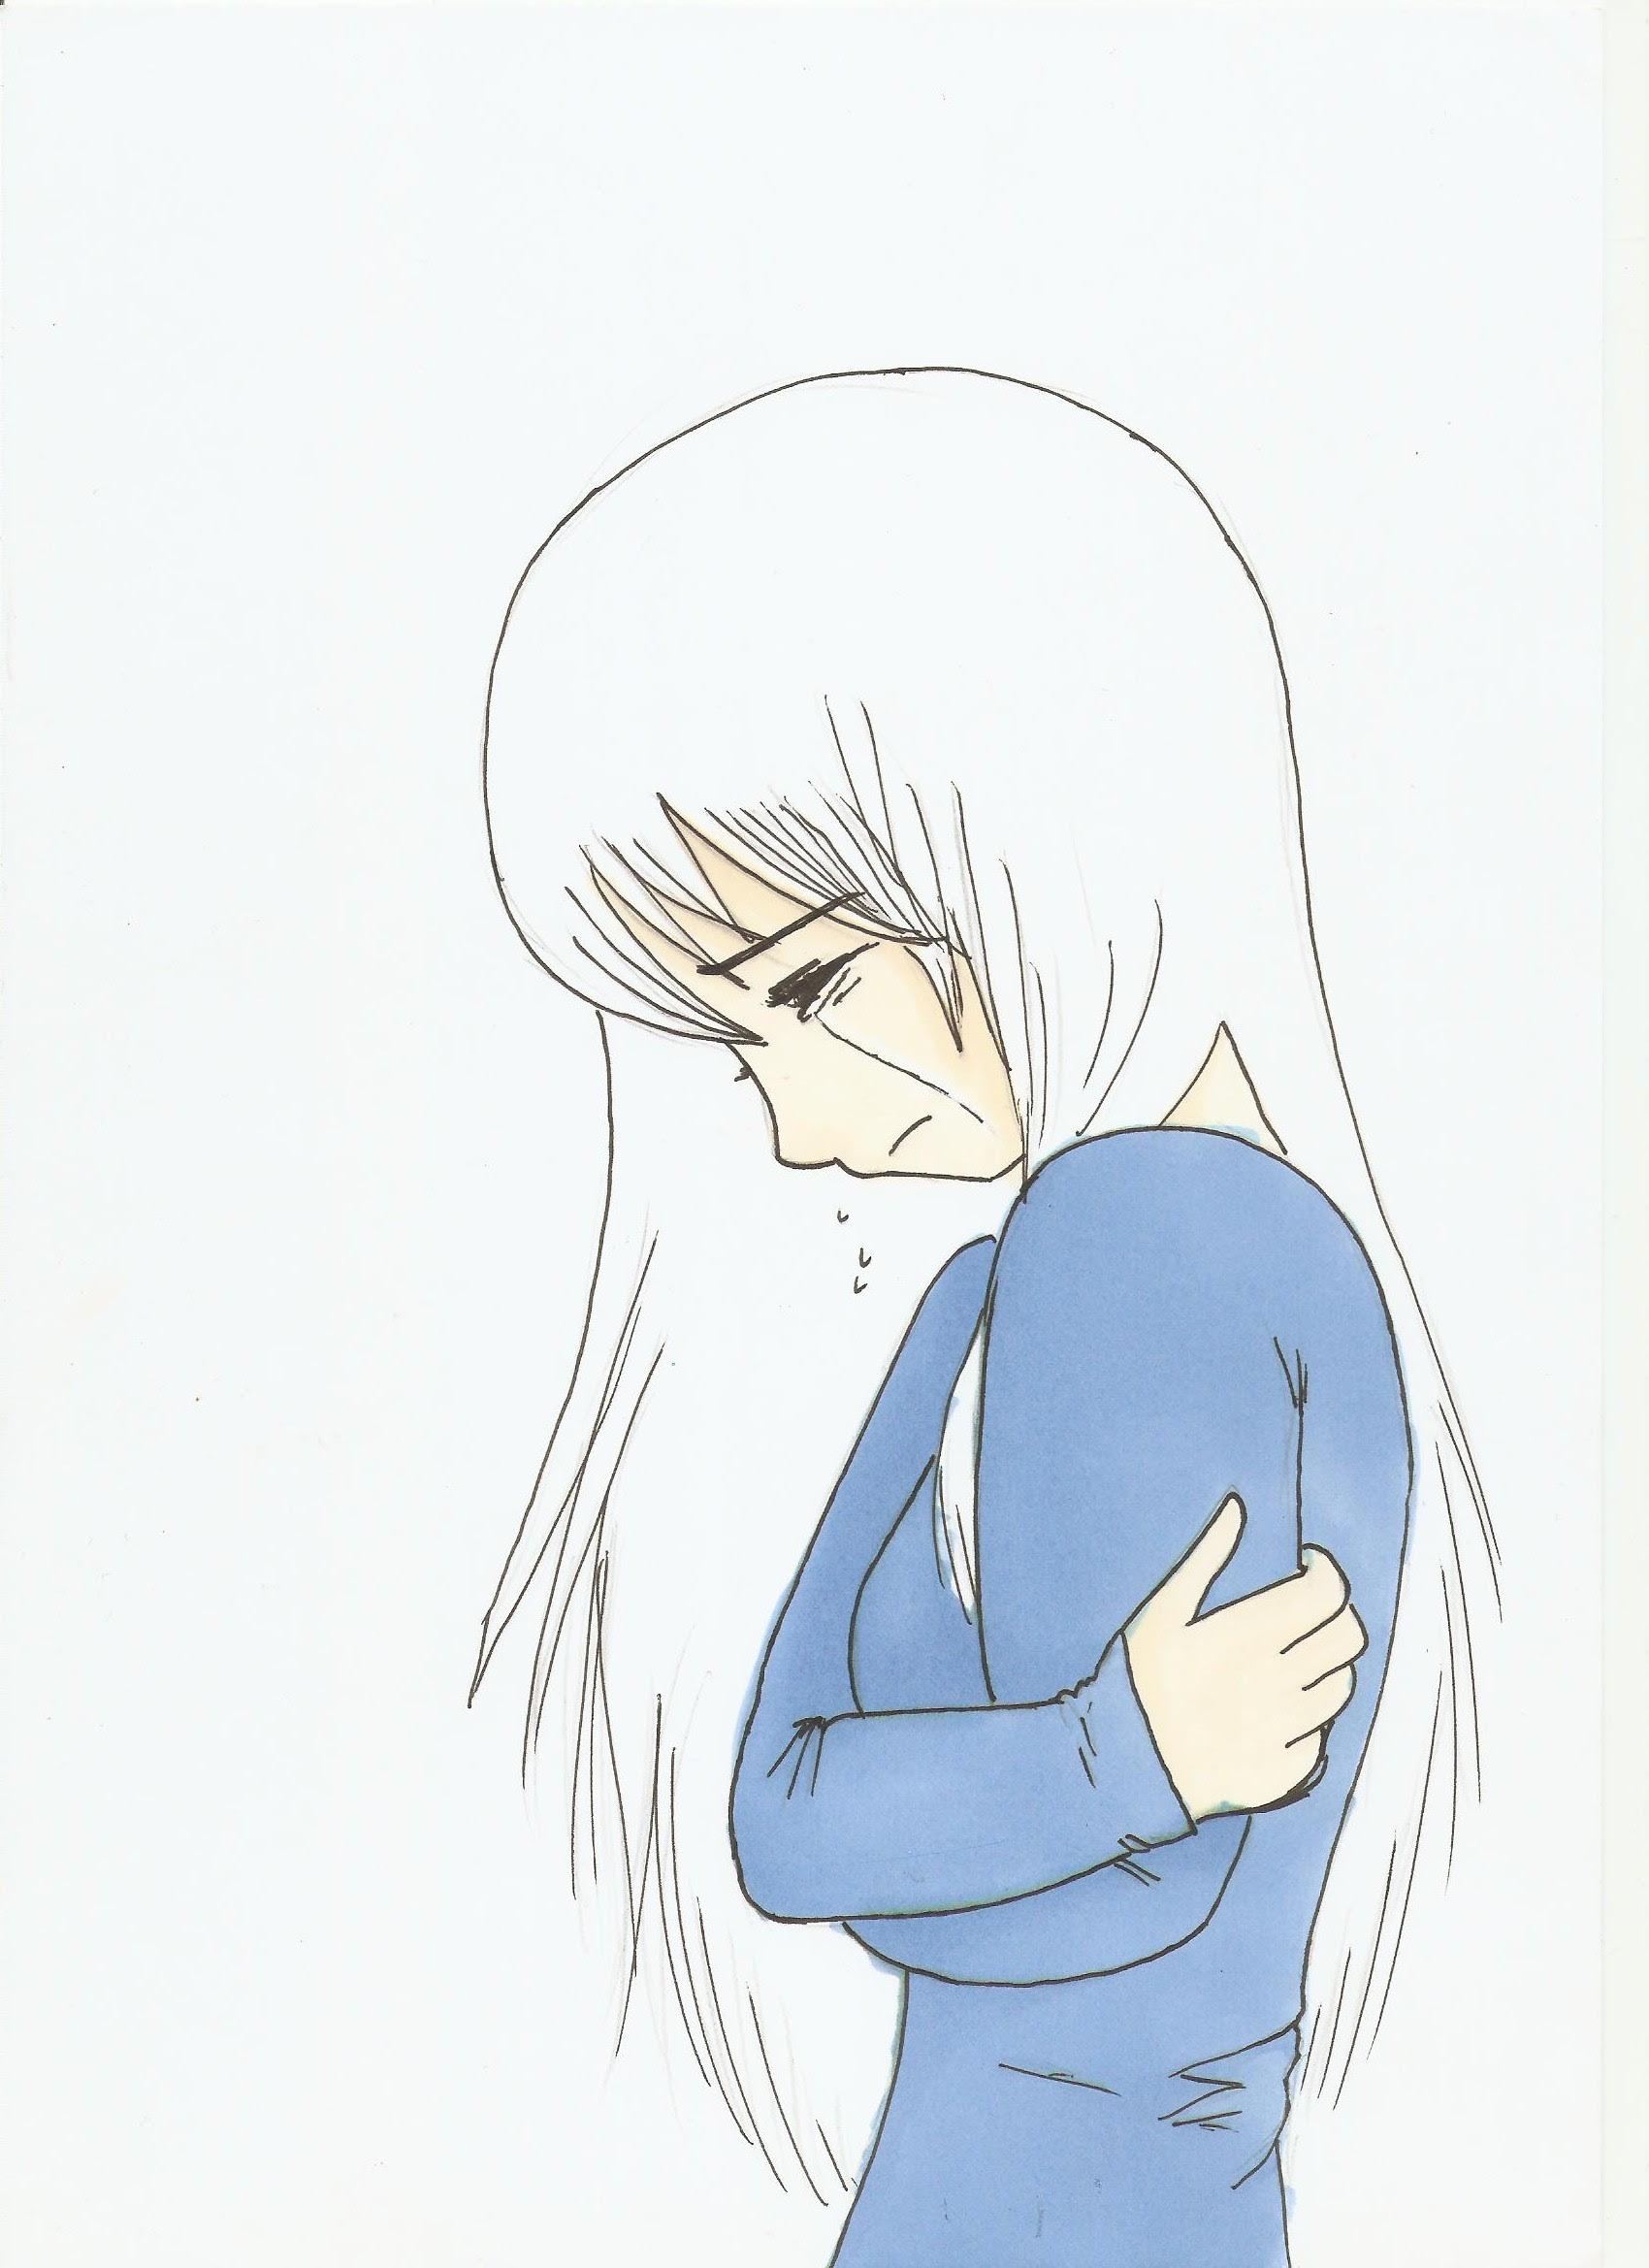 Crying Anime Heart Broken Sad Anime Girl Wallpaper Anime Wallpapers